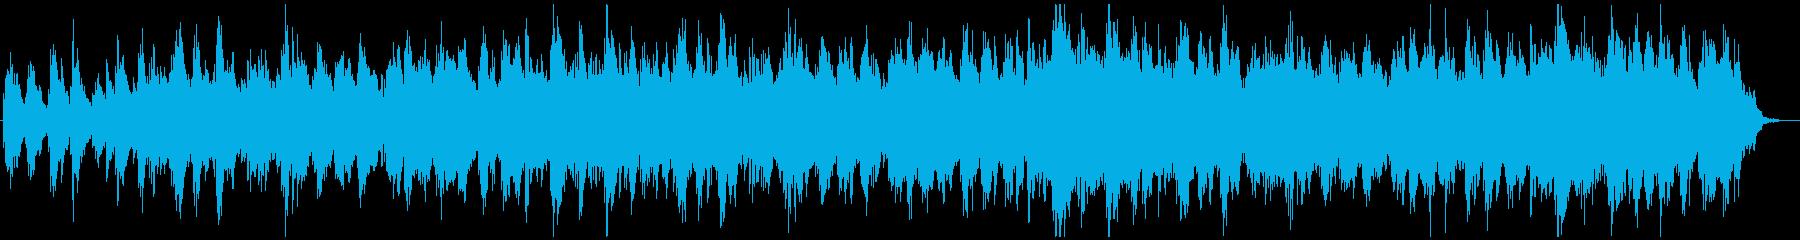 アジアン、アンビエント系BGMの再生済みの波形